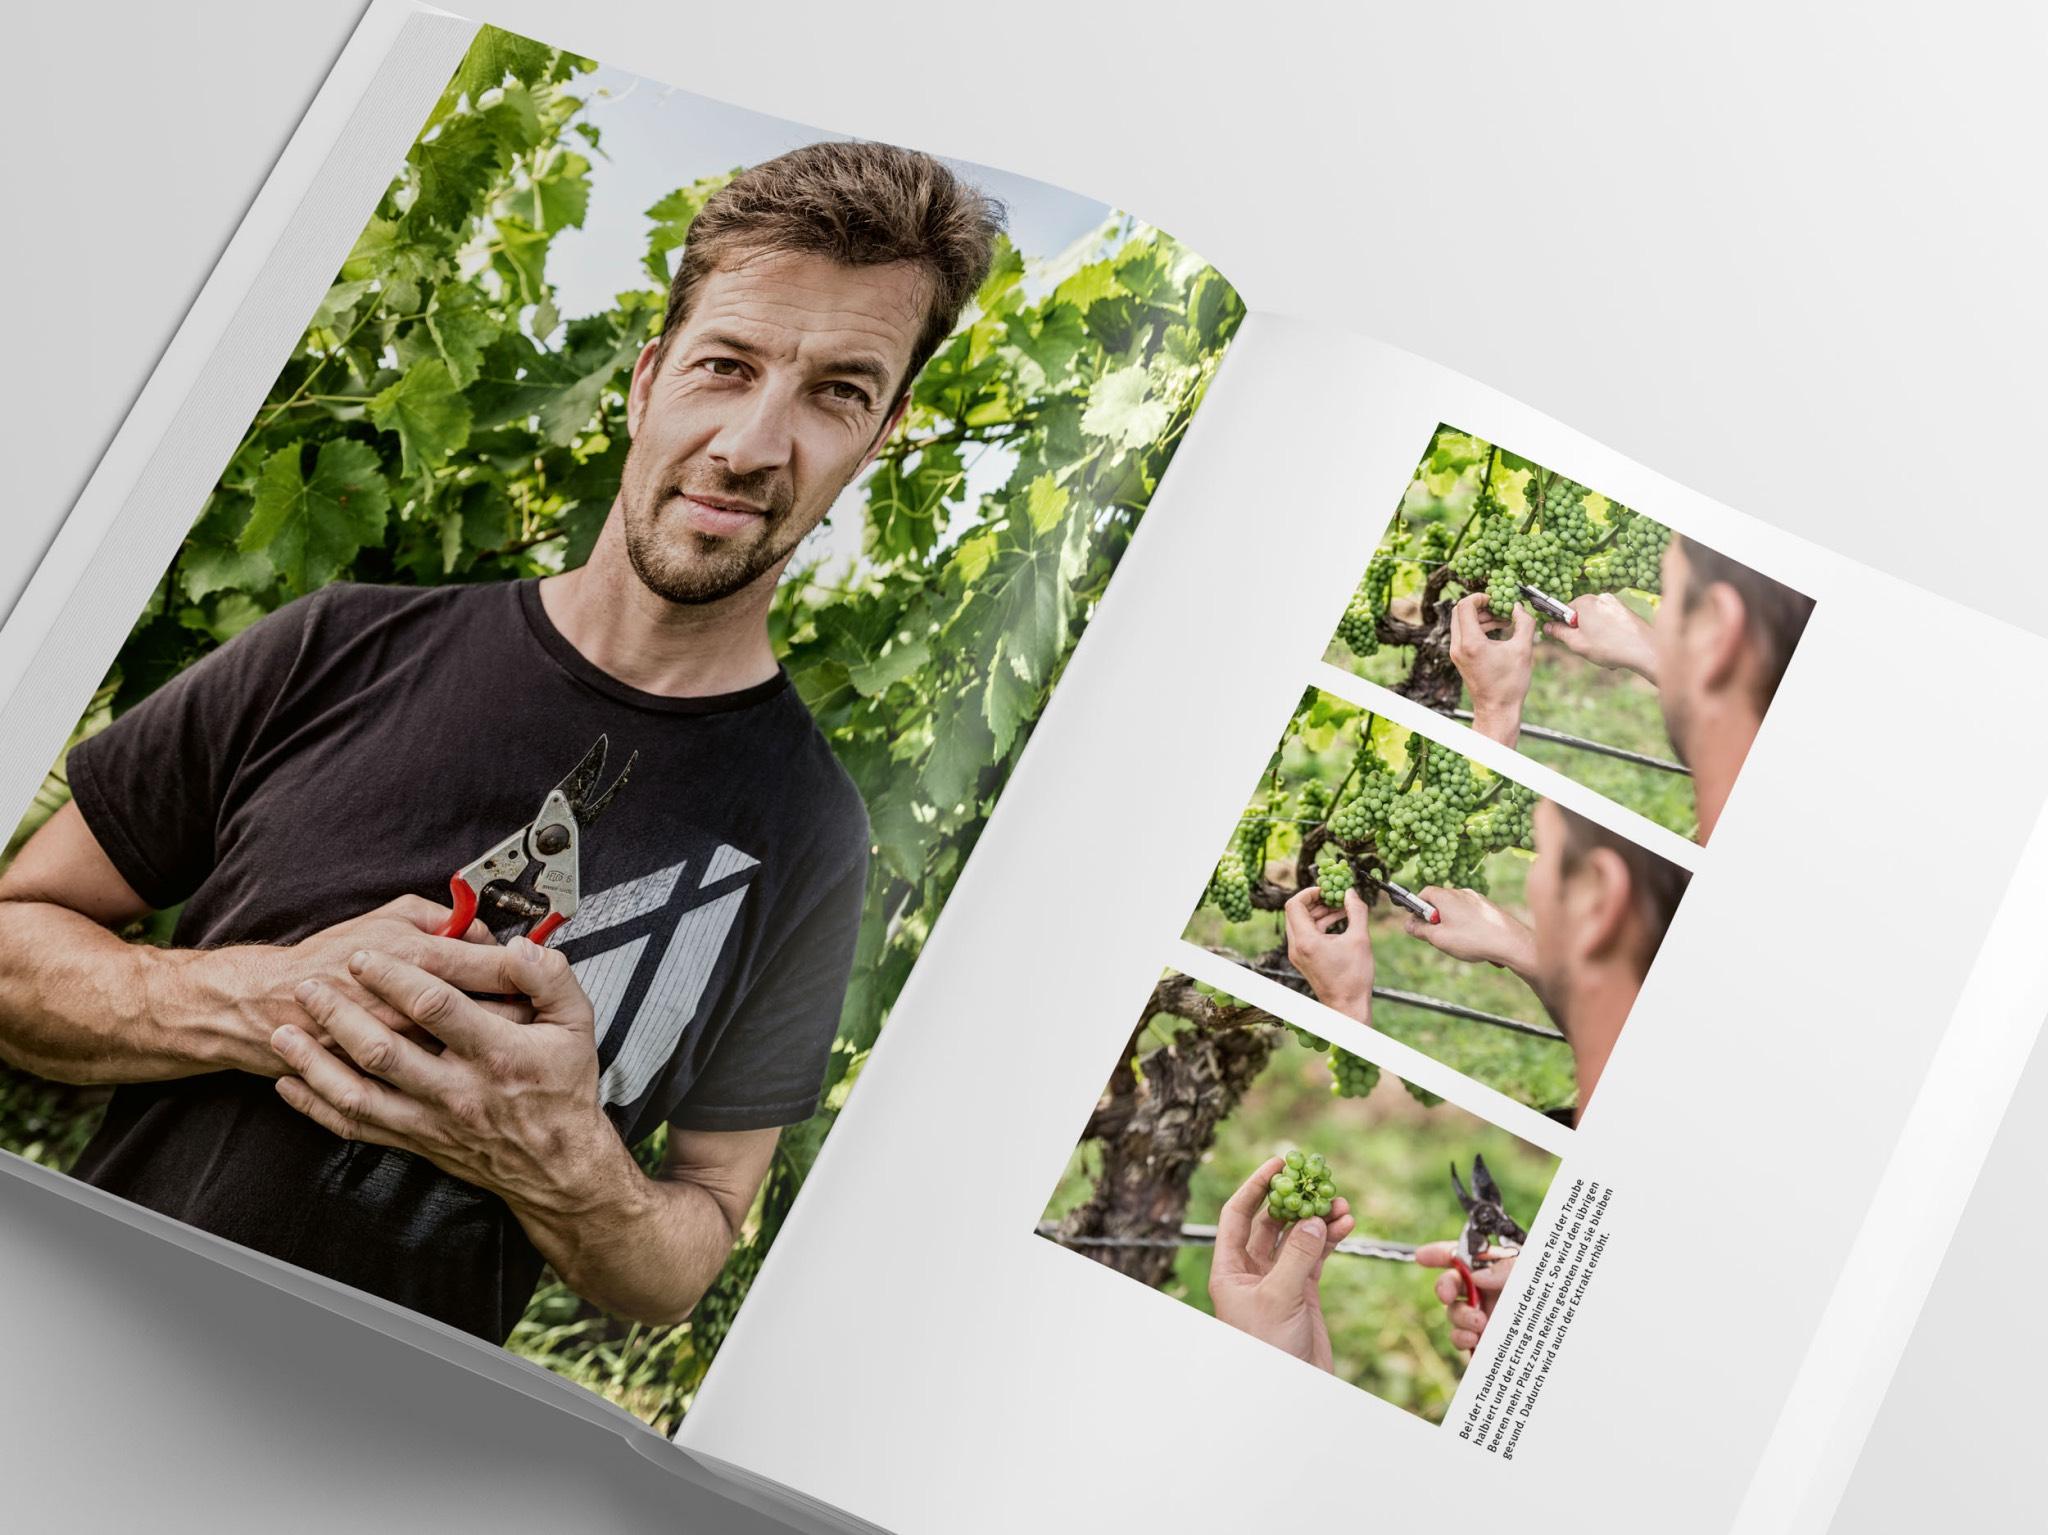 Ein Blick ins Buch. Bild: Stefan Bausewein/Julia Schuller